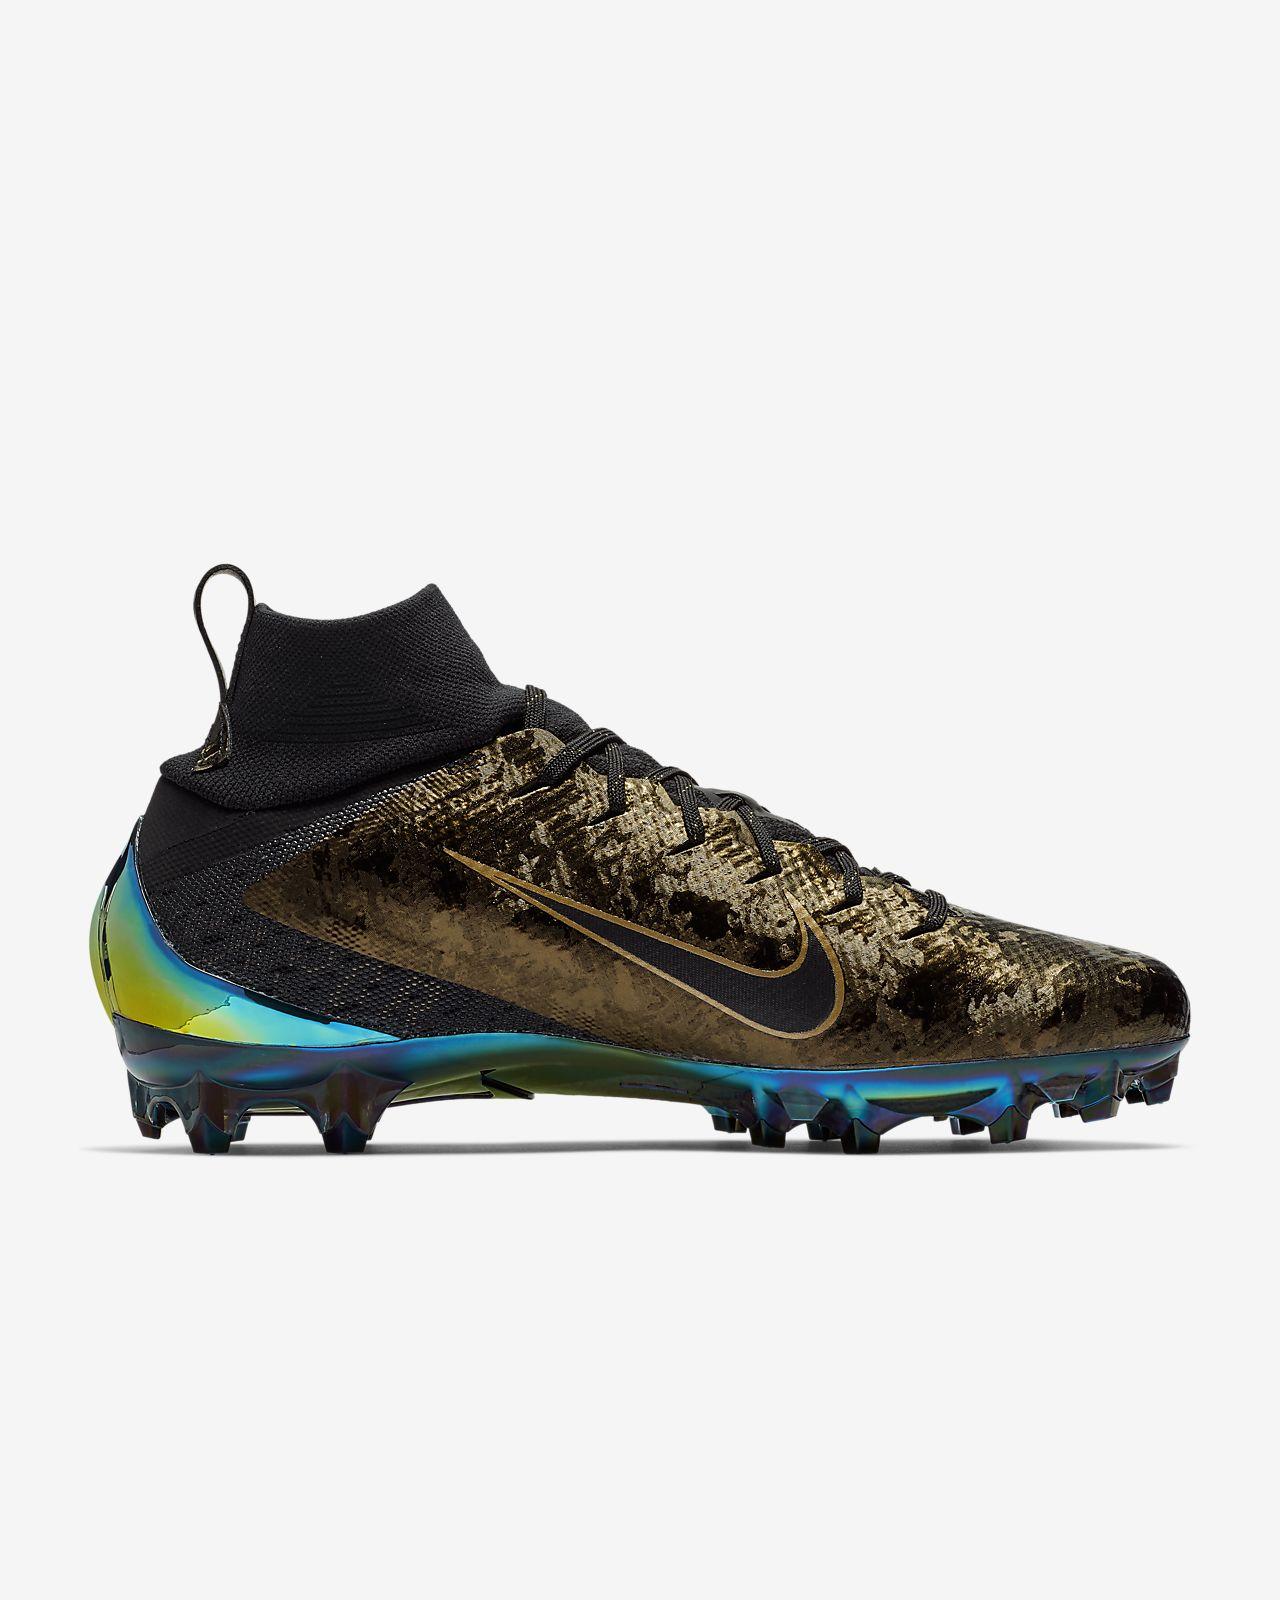 7b33627c0 Vapor Untouchable Pro 3 PRM Football Cleat. Nike.com